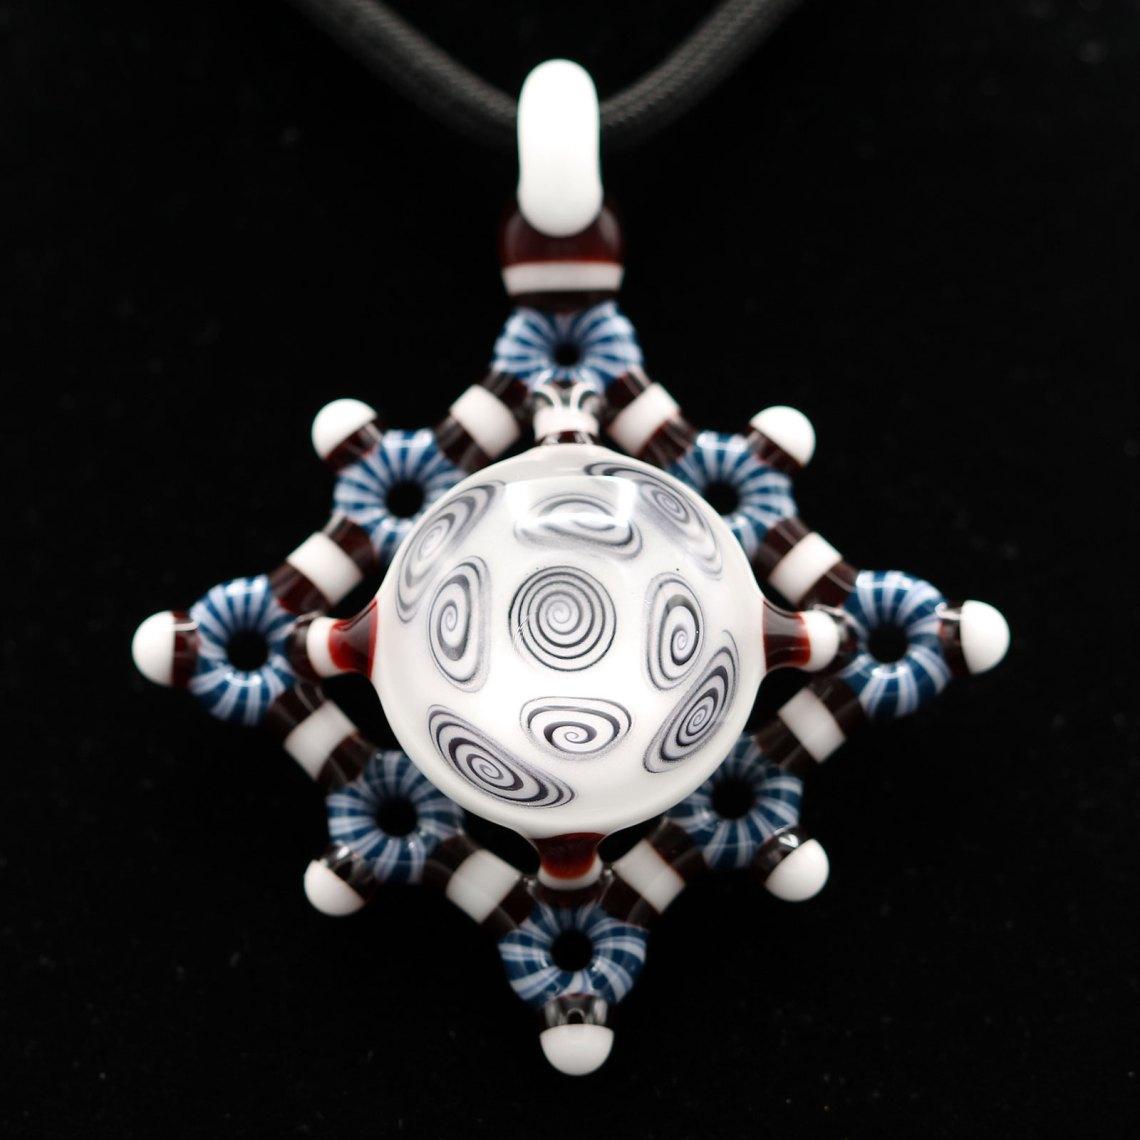 Kaja Glass – Microspiral Circletech Shield Pendant